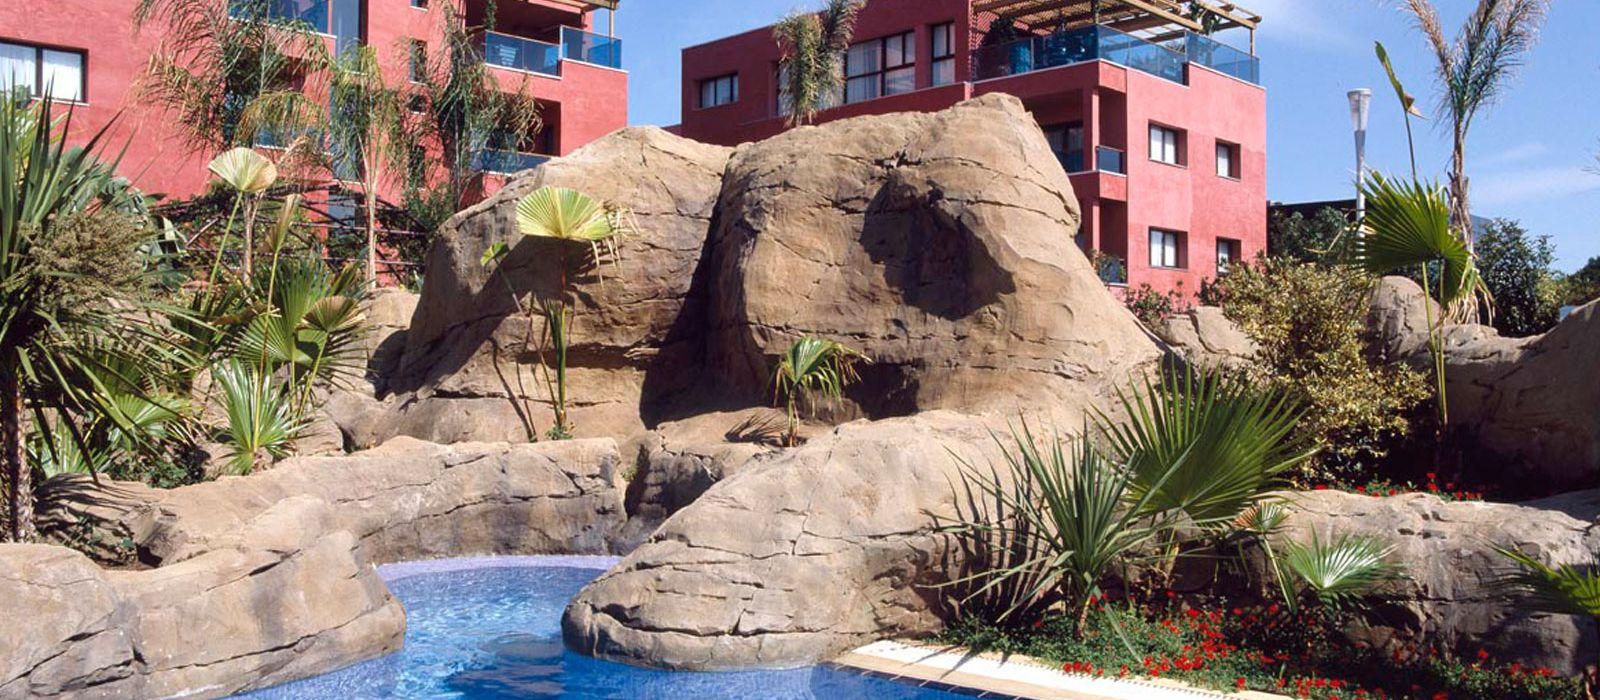 Disfruta de tu Hotel con Spa en La Garriga | Hotel Blancafort